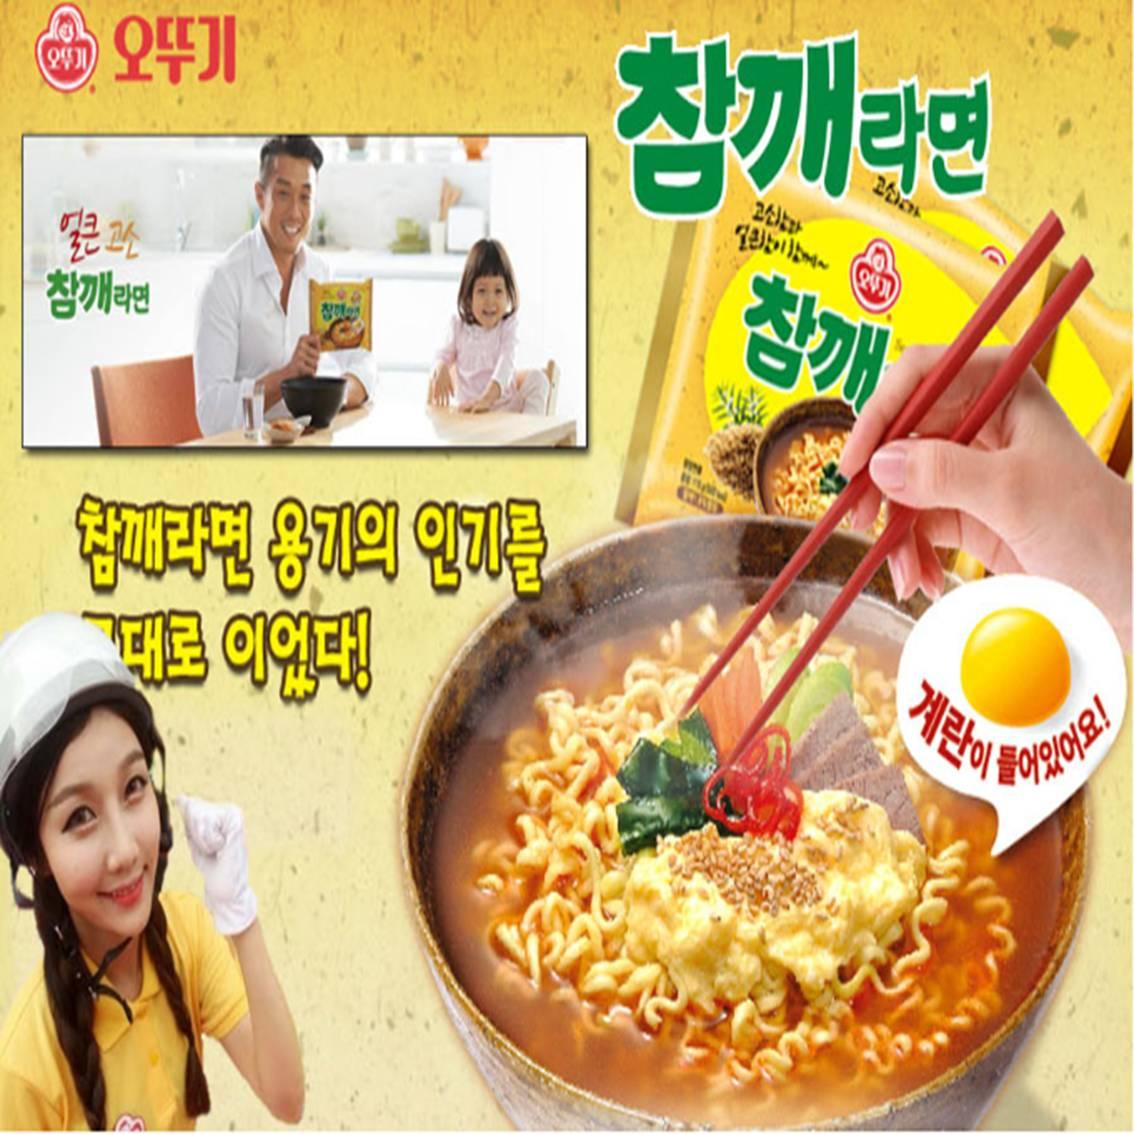 【$39】韓國OTTOGI不倒翁 芝麻風味拉麵 泡麵  樂活生活館